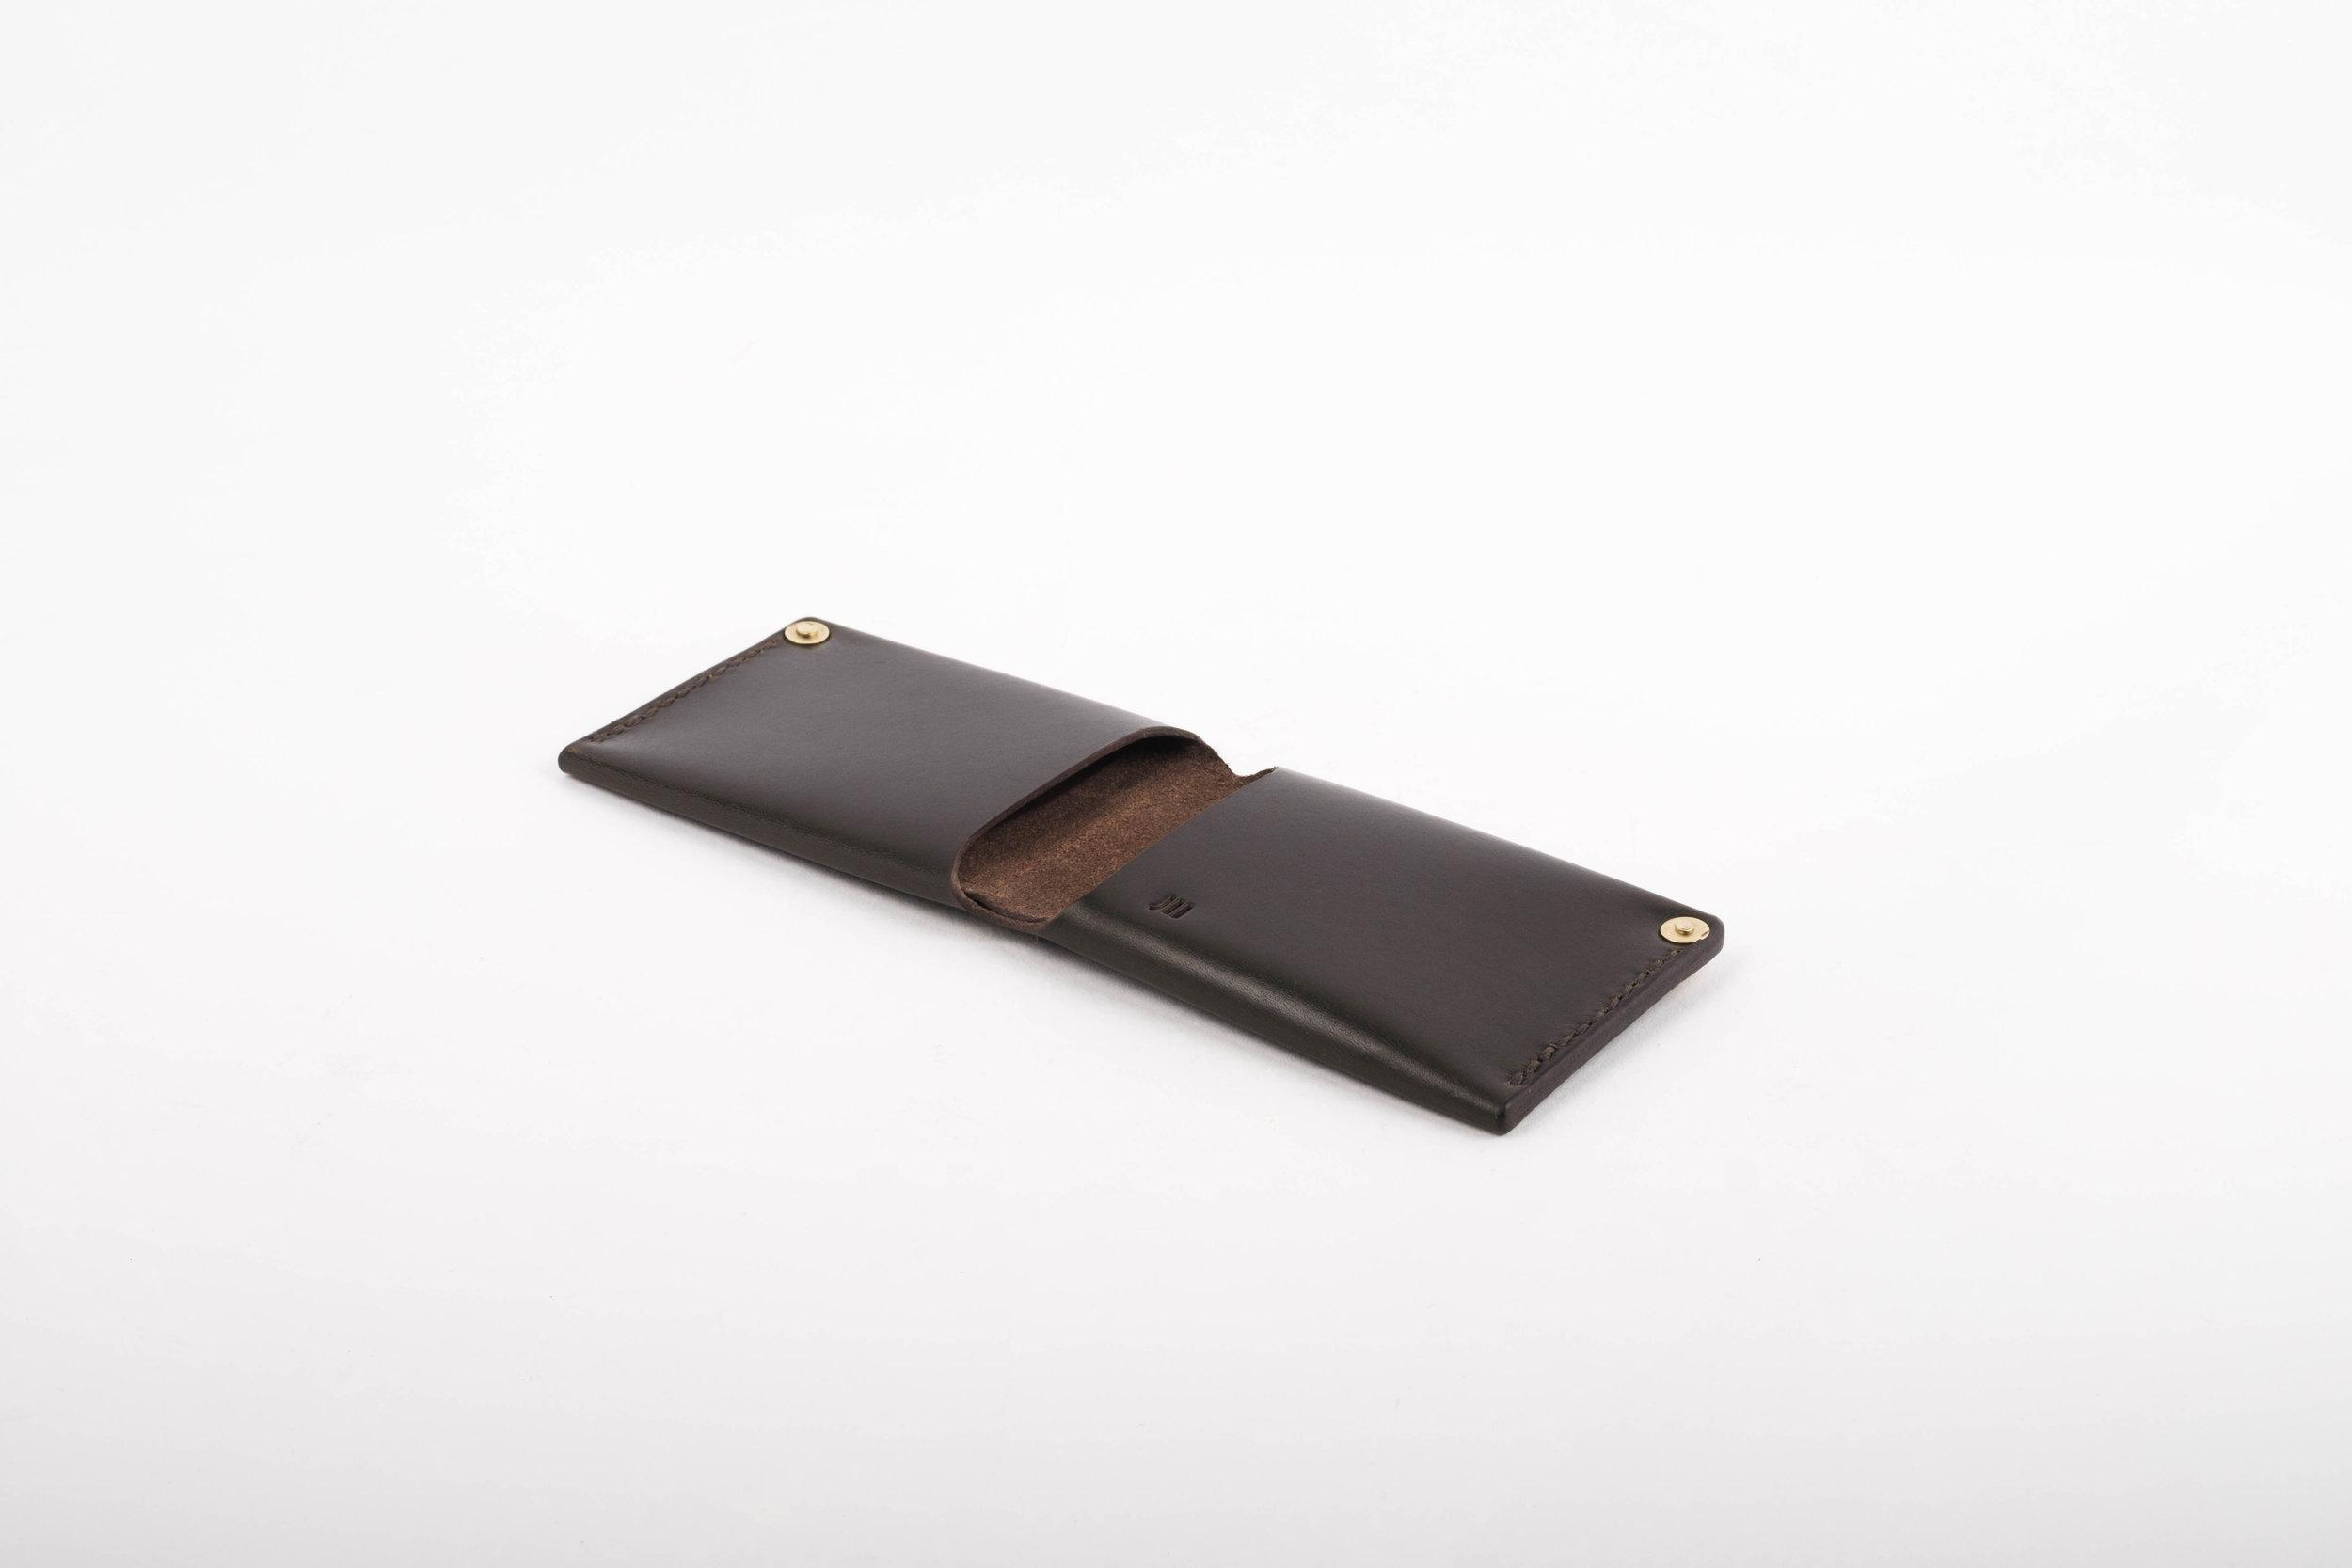 wallet.handmade.leather.black.ateliermaas.fullgrain.3.jpg